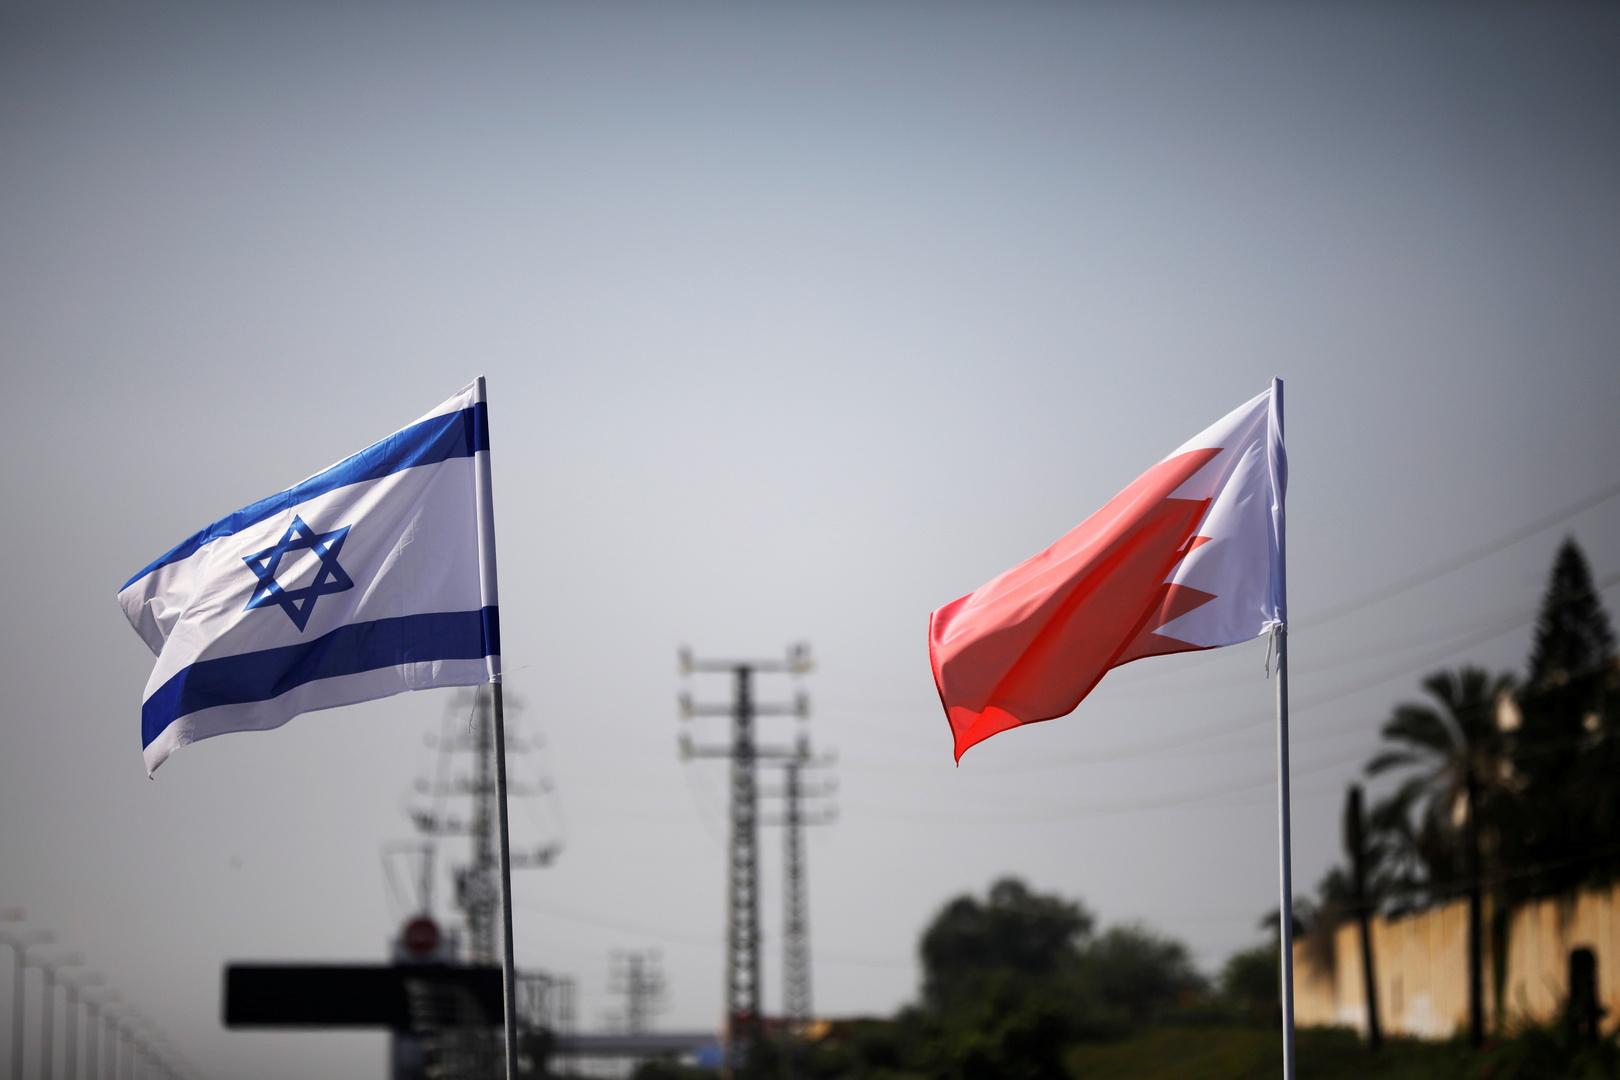 وسائل إعلام إسرائيلية: مسؤول بحريني رفيع يزور إسرائيل الجمعة